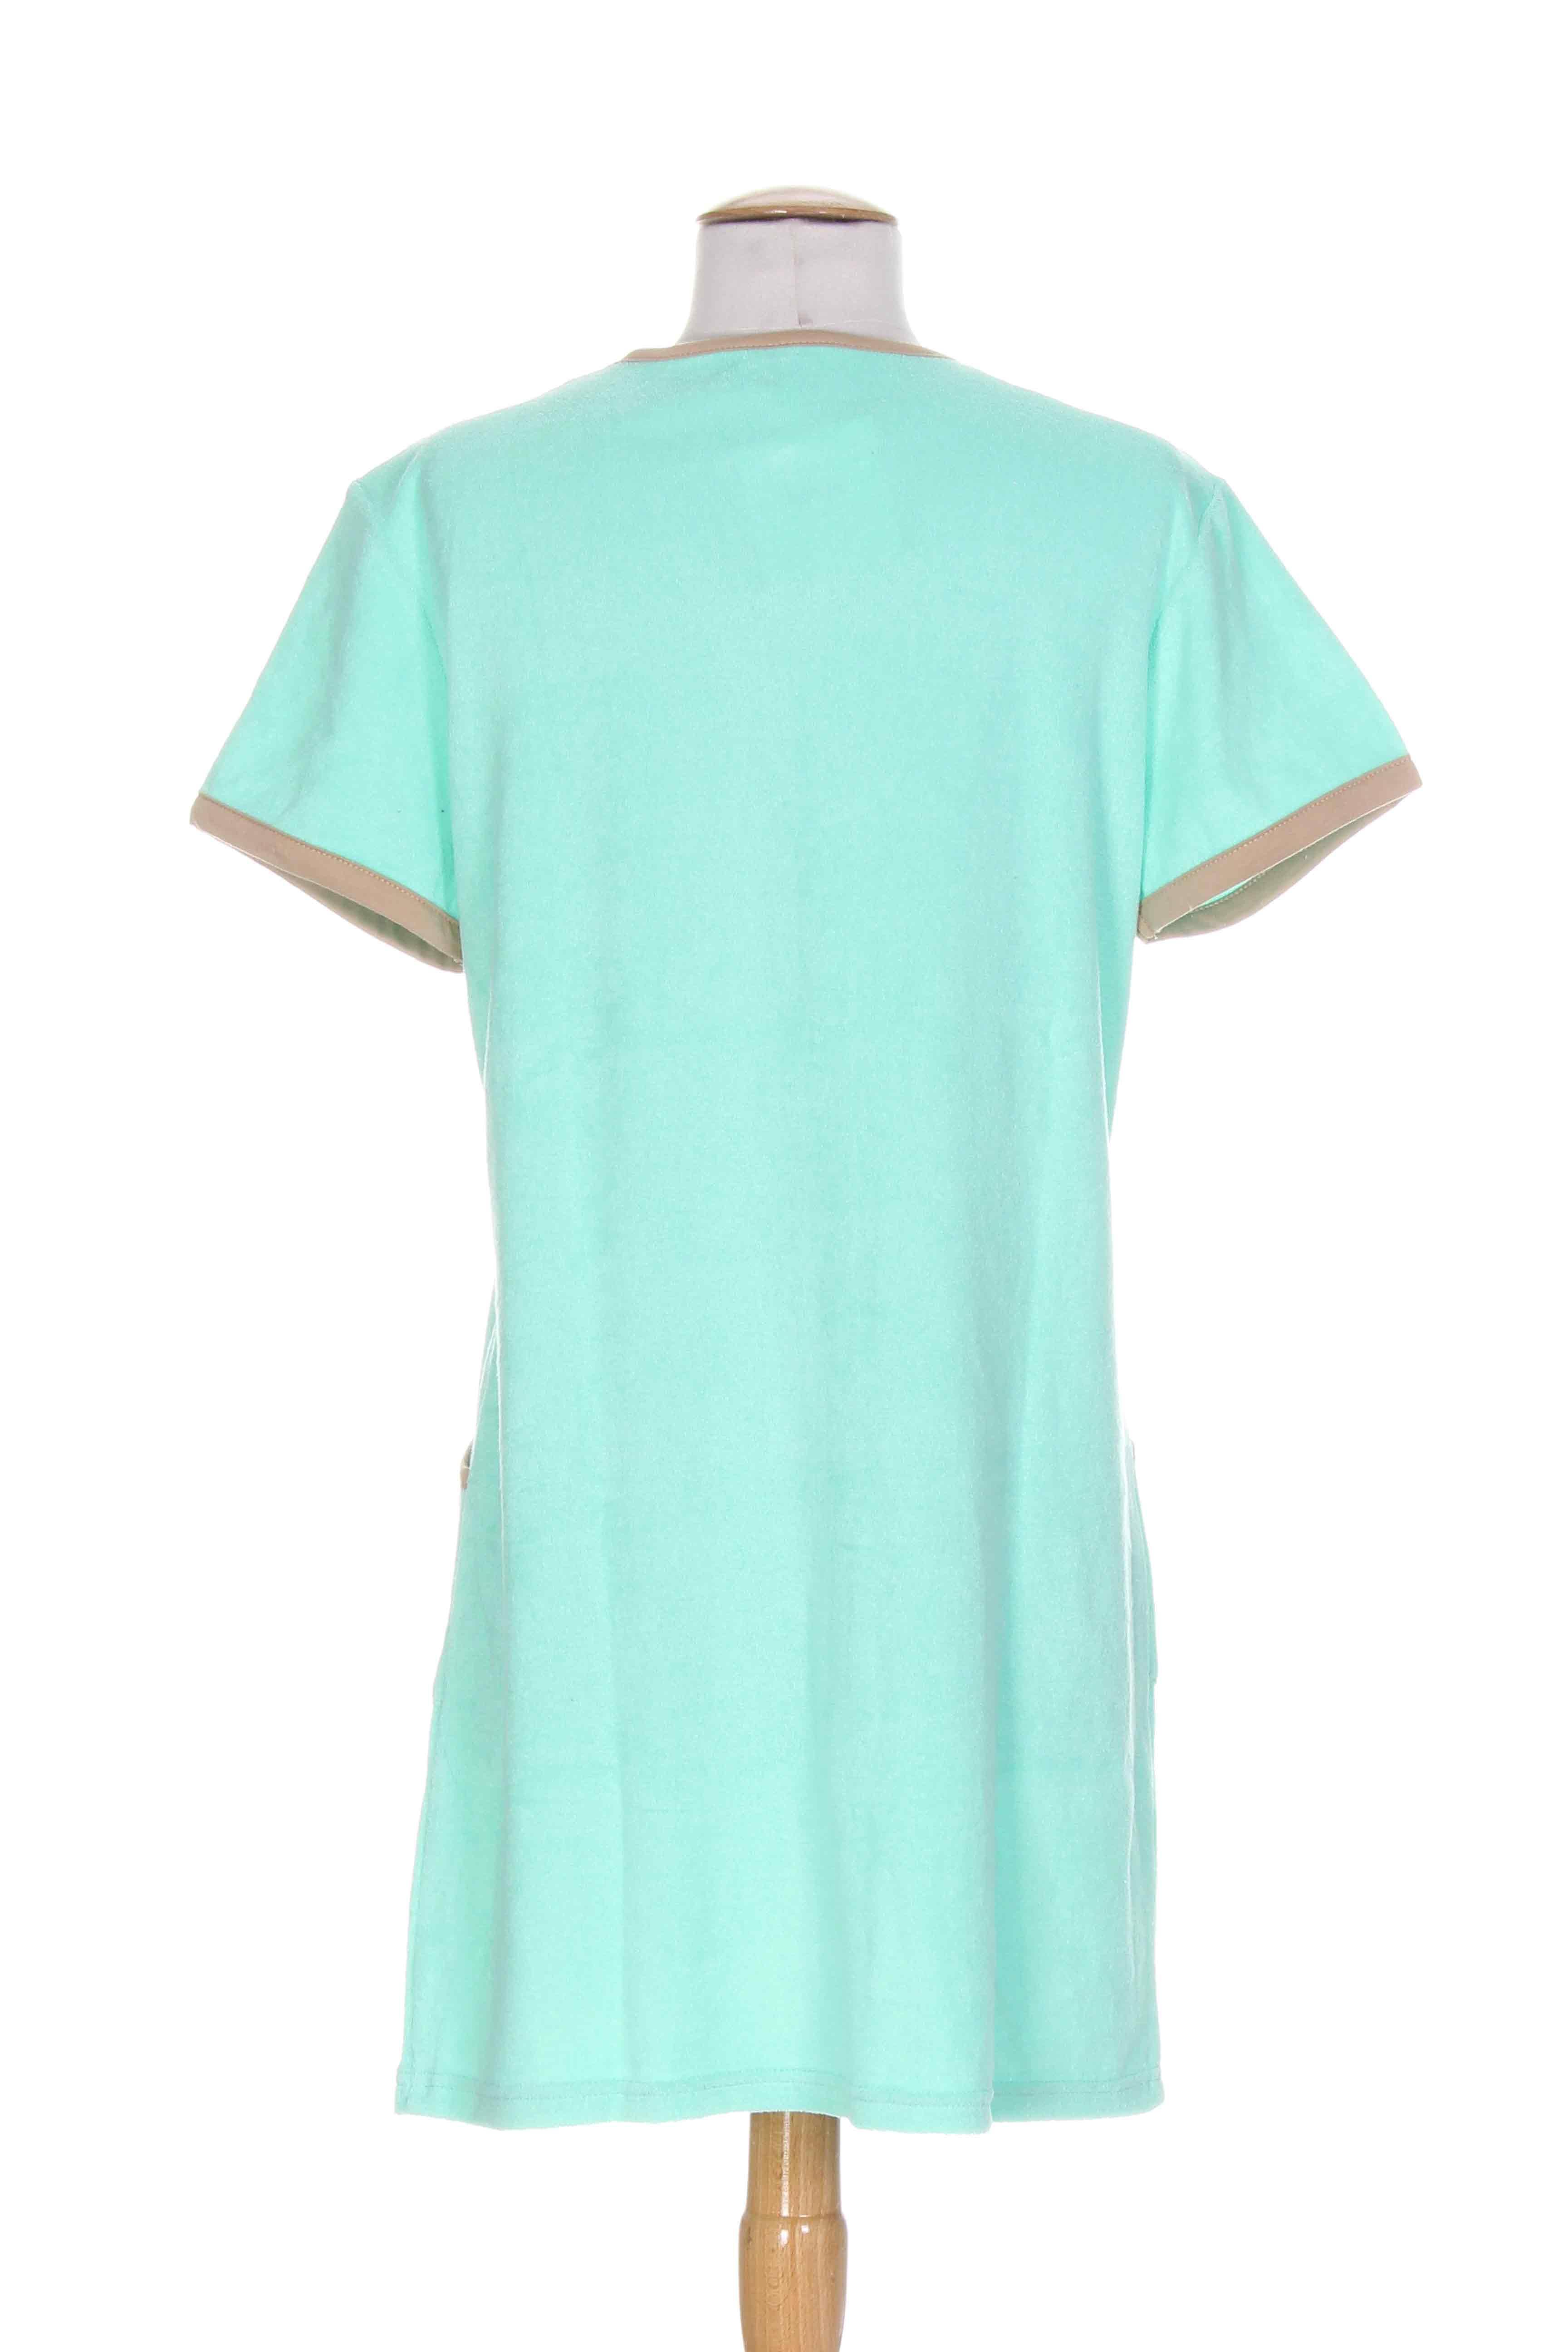 Rose Pomme Robes De Chambre Peignoirs Femme de couleur vert en soldes pas che